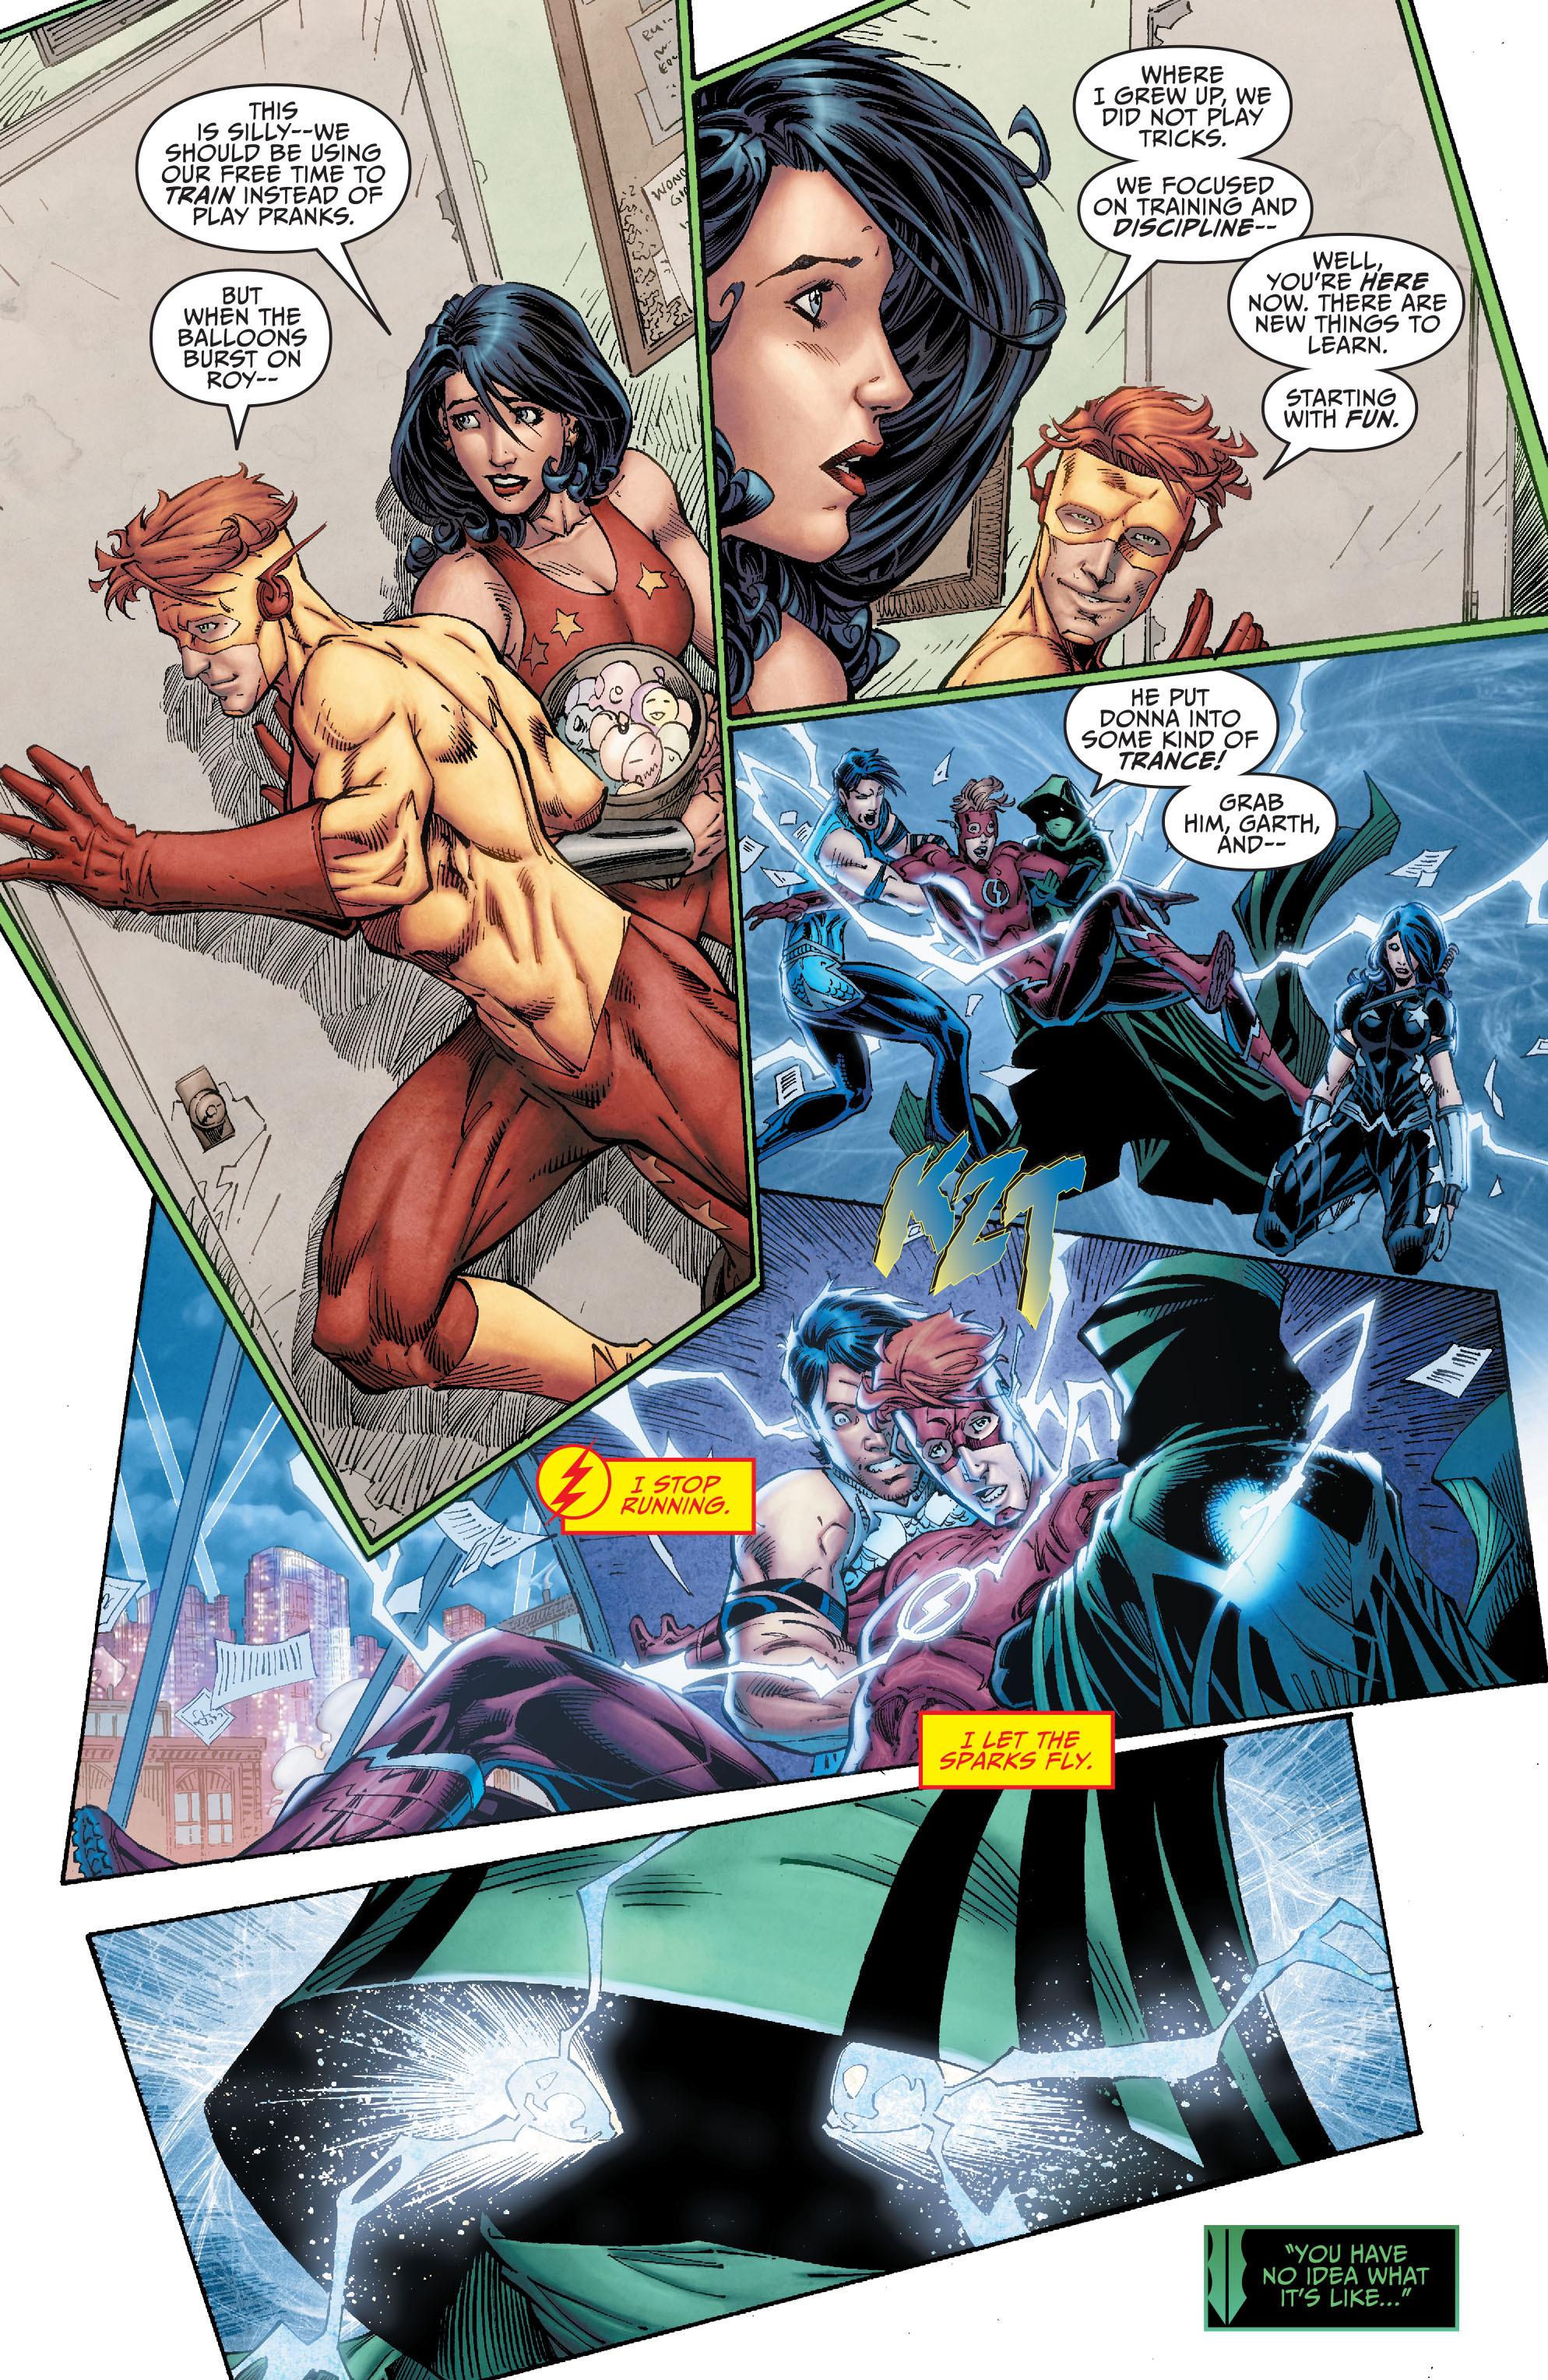 983-987 - Les comics que vous lisez en ce moment - Page 2 Titans-Rebirth-1-spoilers-D